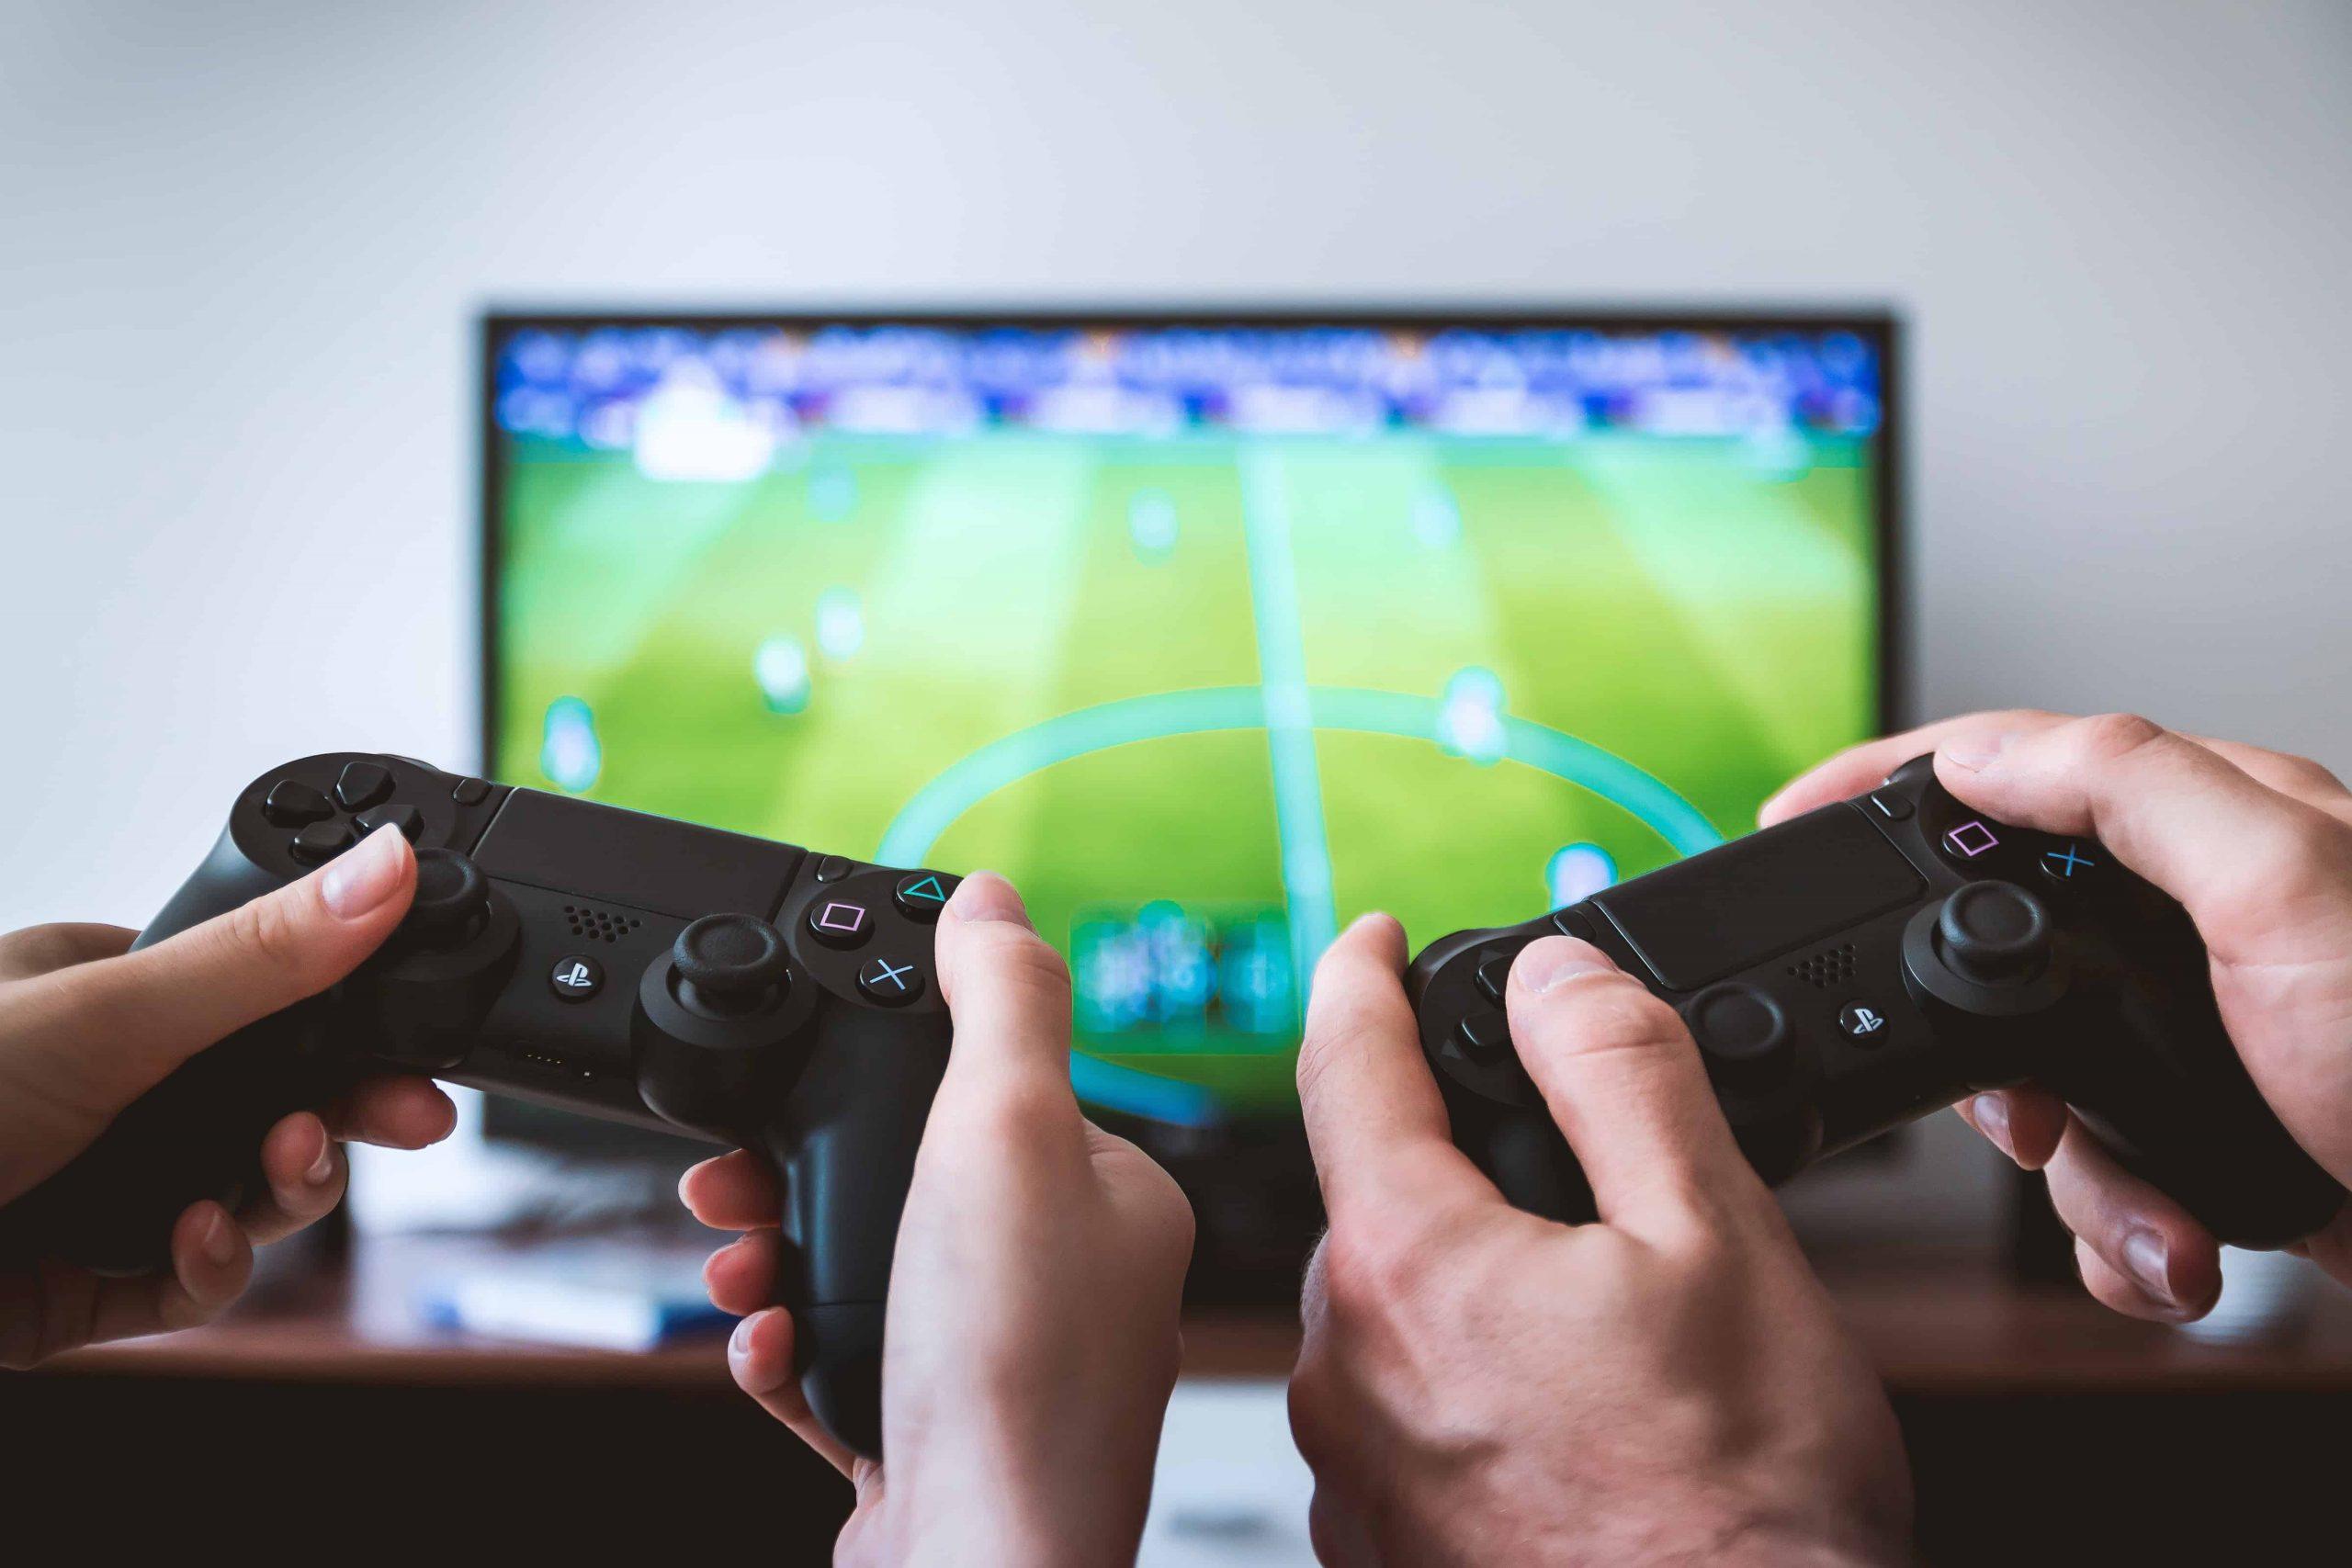 Imagem mostra uma televisão ao fundo e dois controles de Playstation erguidos segurados por duas pessoas.